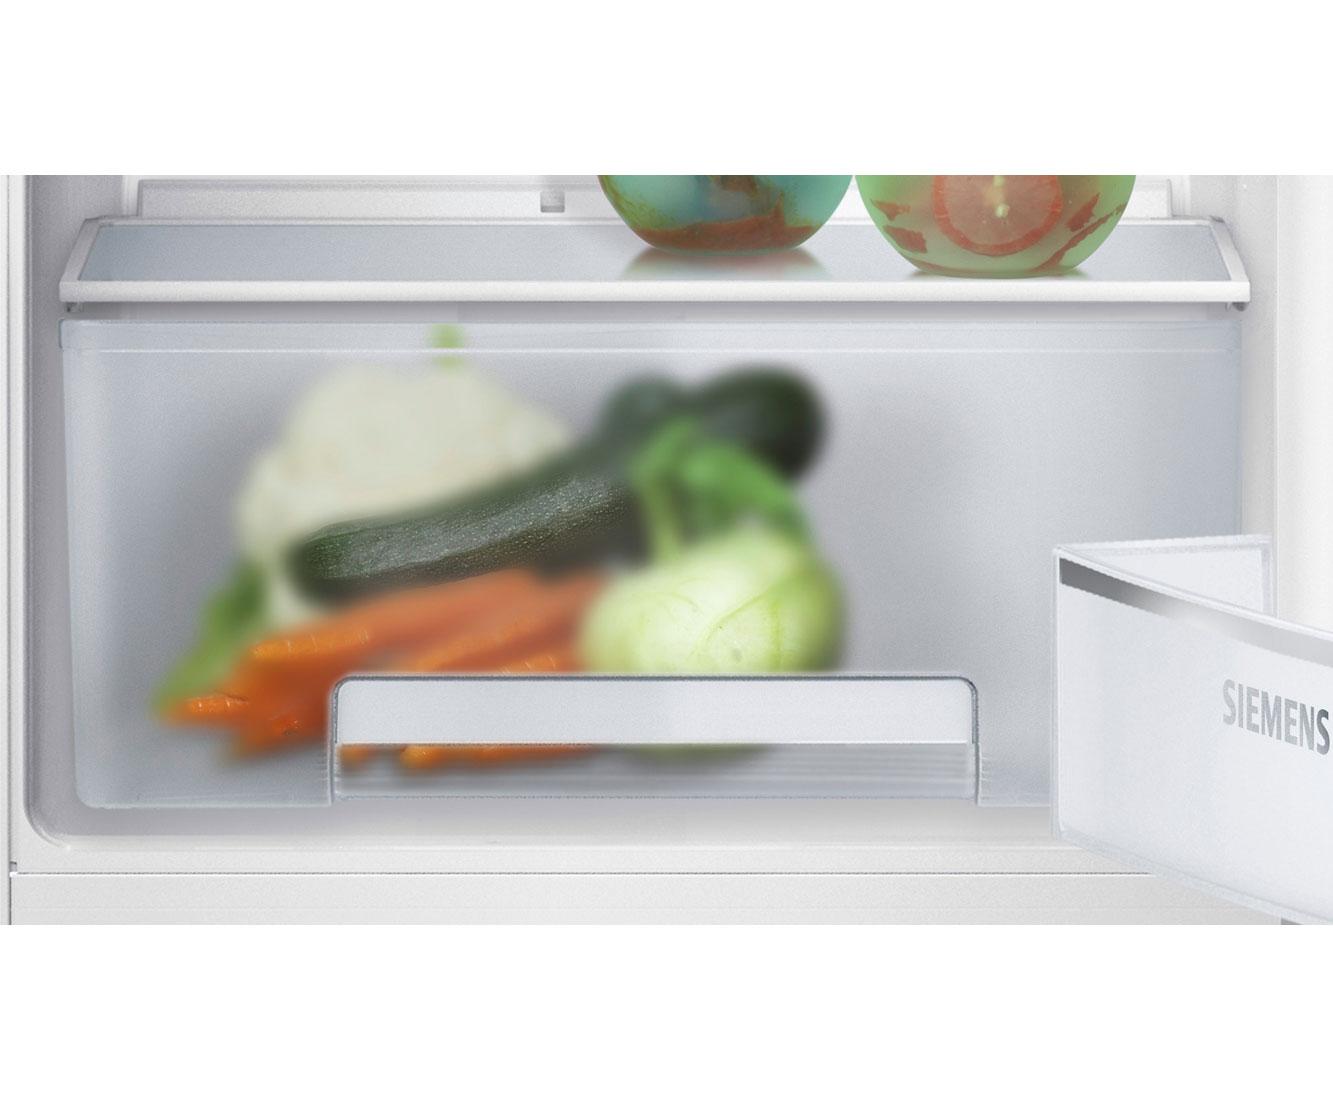 Kühlschrank Richtig Einräumen Siemens : Siemens iq ki rv einbau kühlschrank er nische festtür